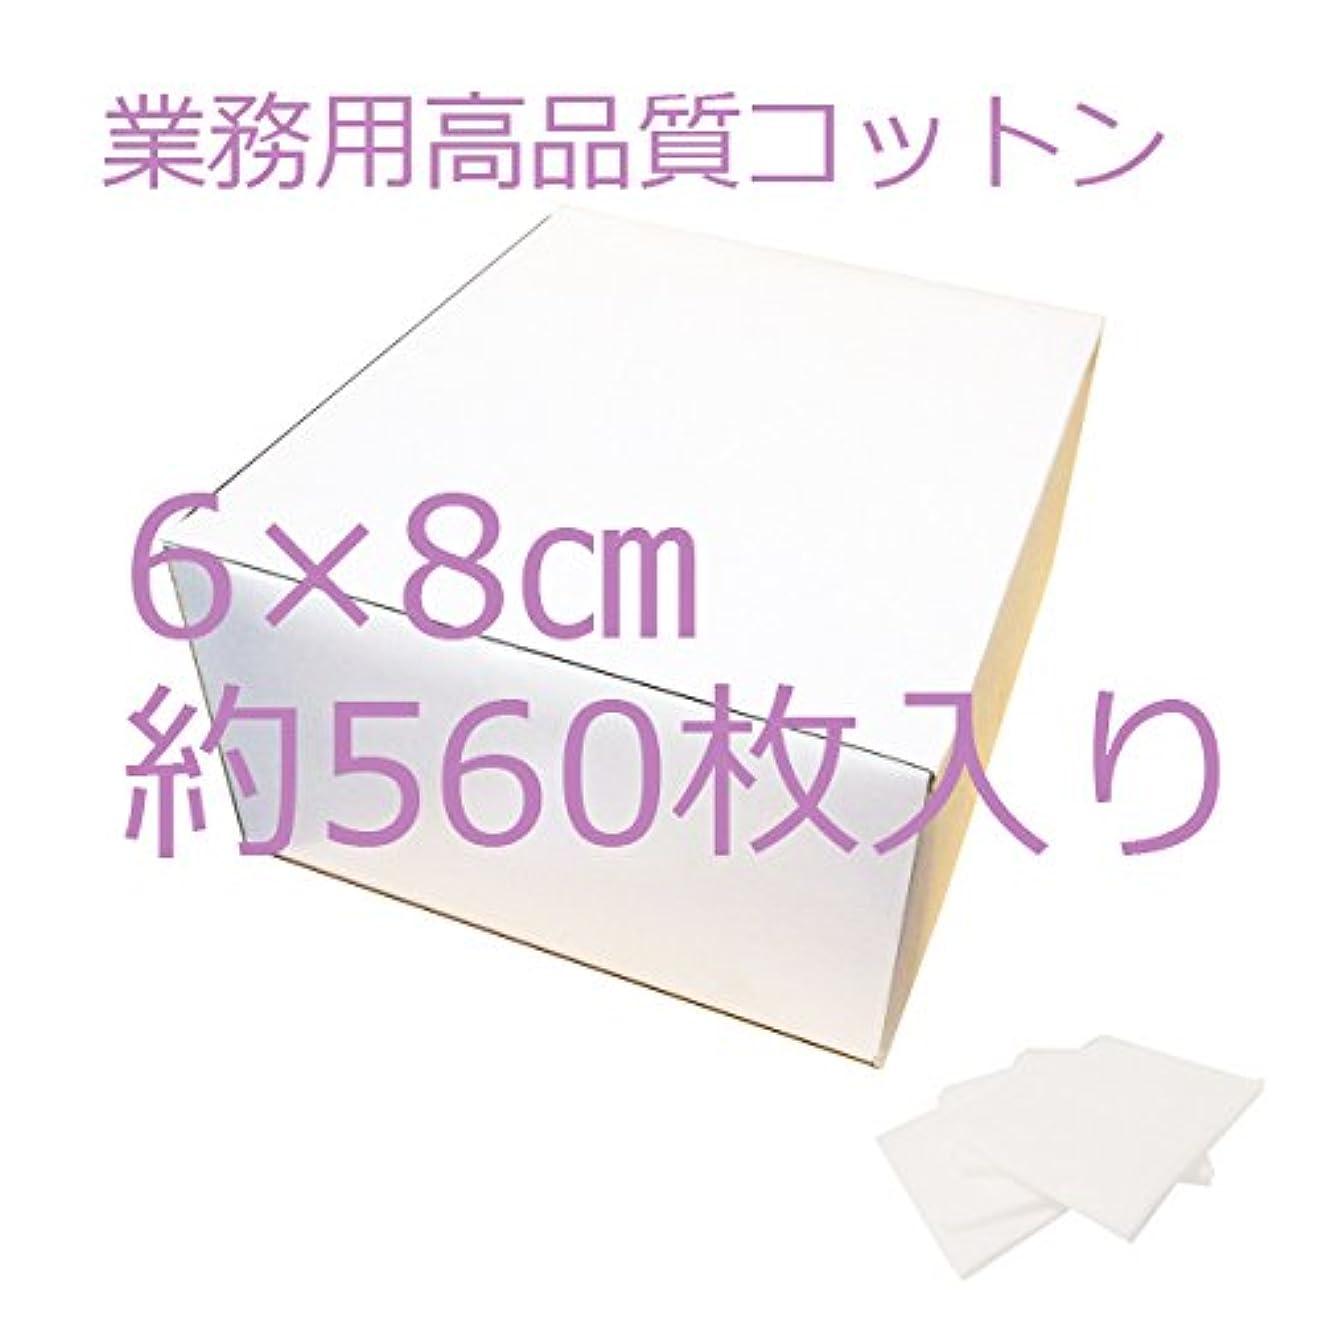 高級エステティックフェイシャルコットン【業務用】 6×8cm 500g(約560枚)プロ仕様のボリューム エステ、ネイル、医療用、マツエク